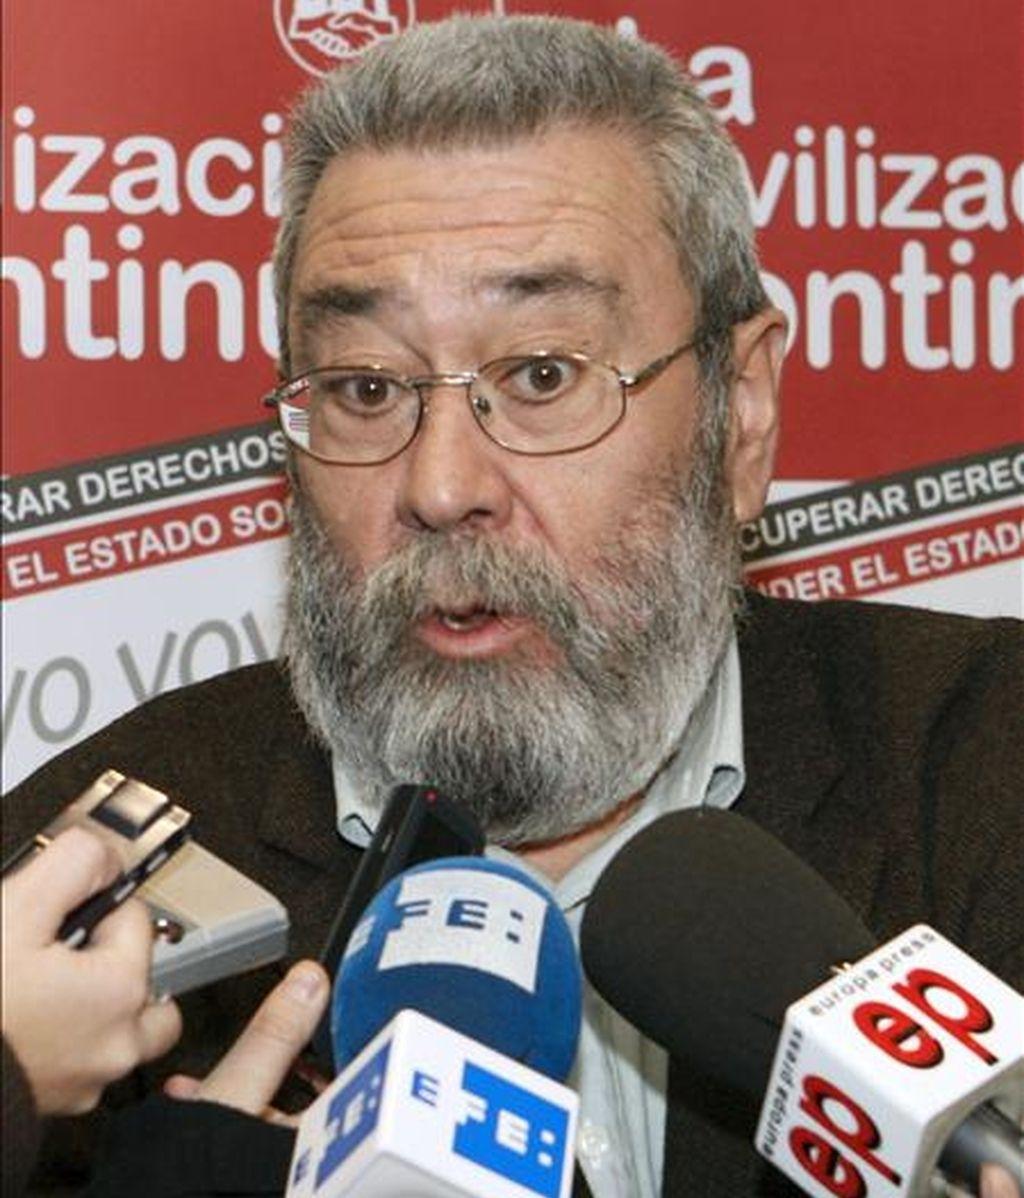 El secretario general de UGT, Cándido Méndez, durante la valoración que hizo hoy a los periodistas tras conocerse que el paro subió en noviembre por cuarto mes consecutivo y sumó 24.318 nuevos desempleados respecto al mes anterior, lo que situó el número total de parados en 4.110.294, el 0,6% más que en octubre. EFE